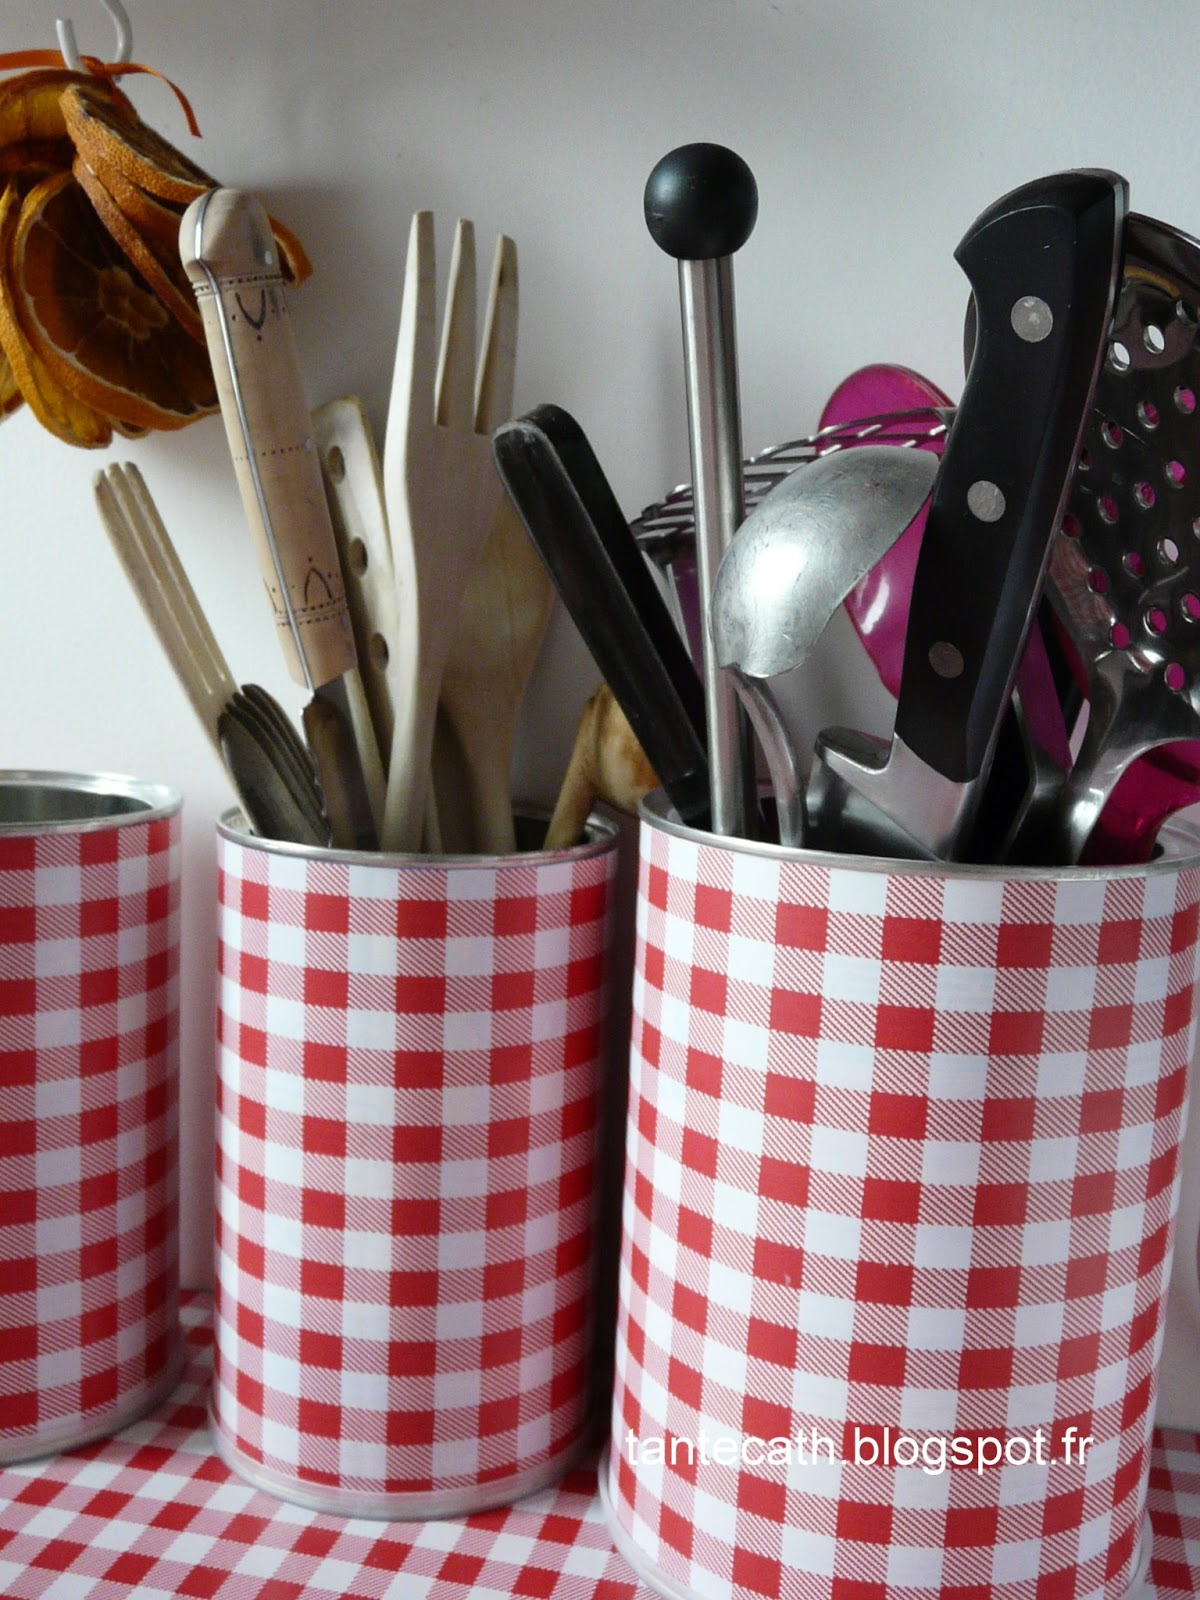 Bien-aimé tante cath  le blog !: Recycler les boites de lait de bébé CK66